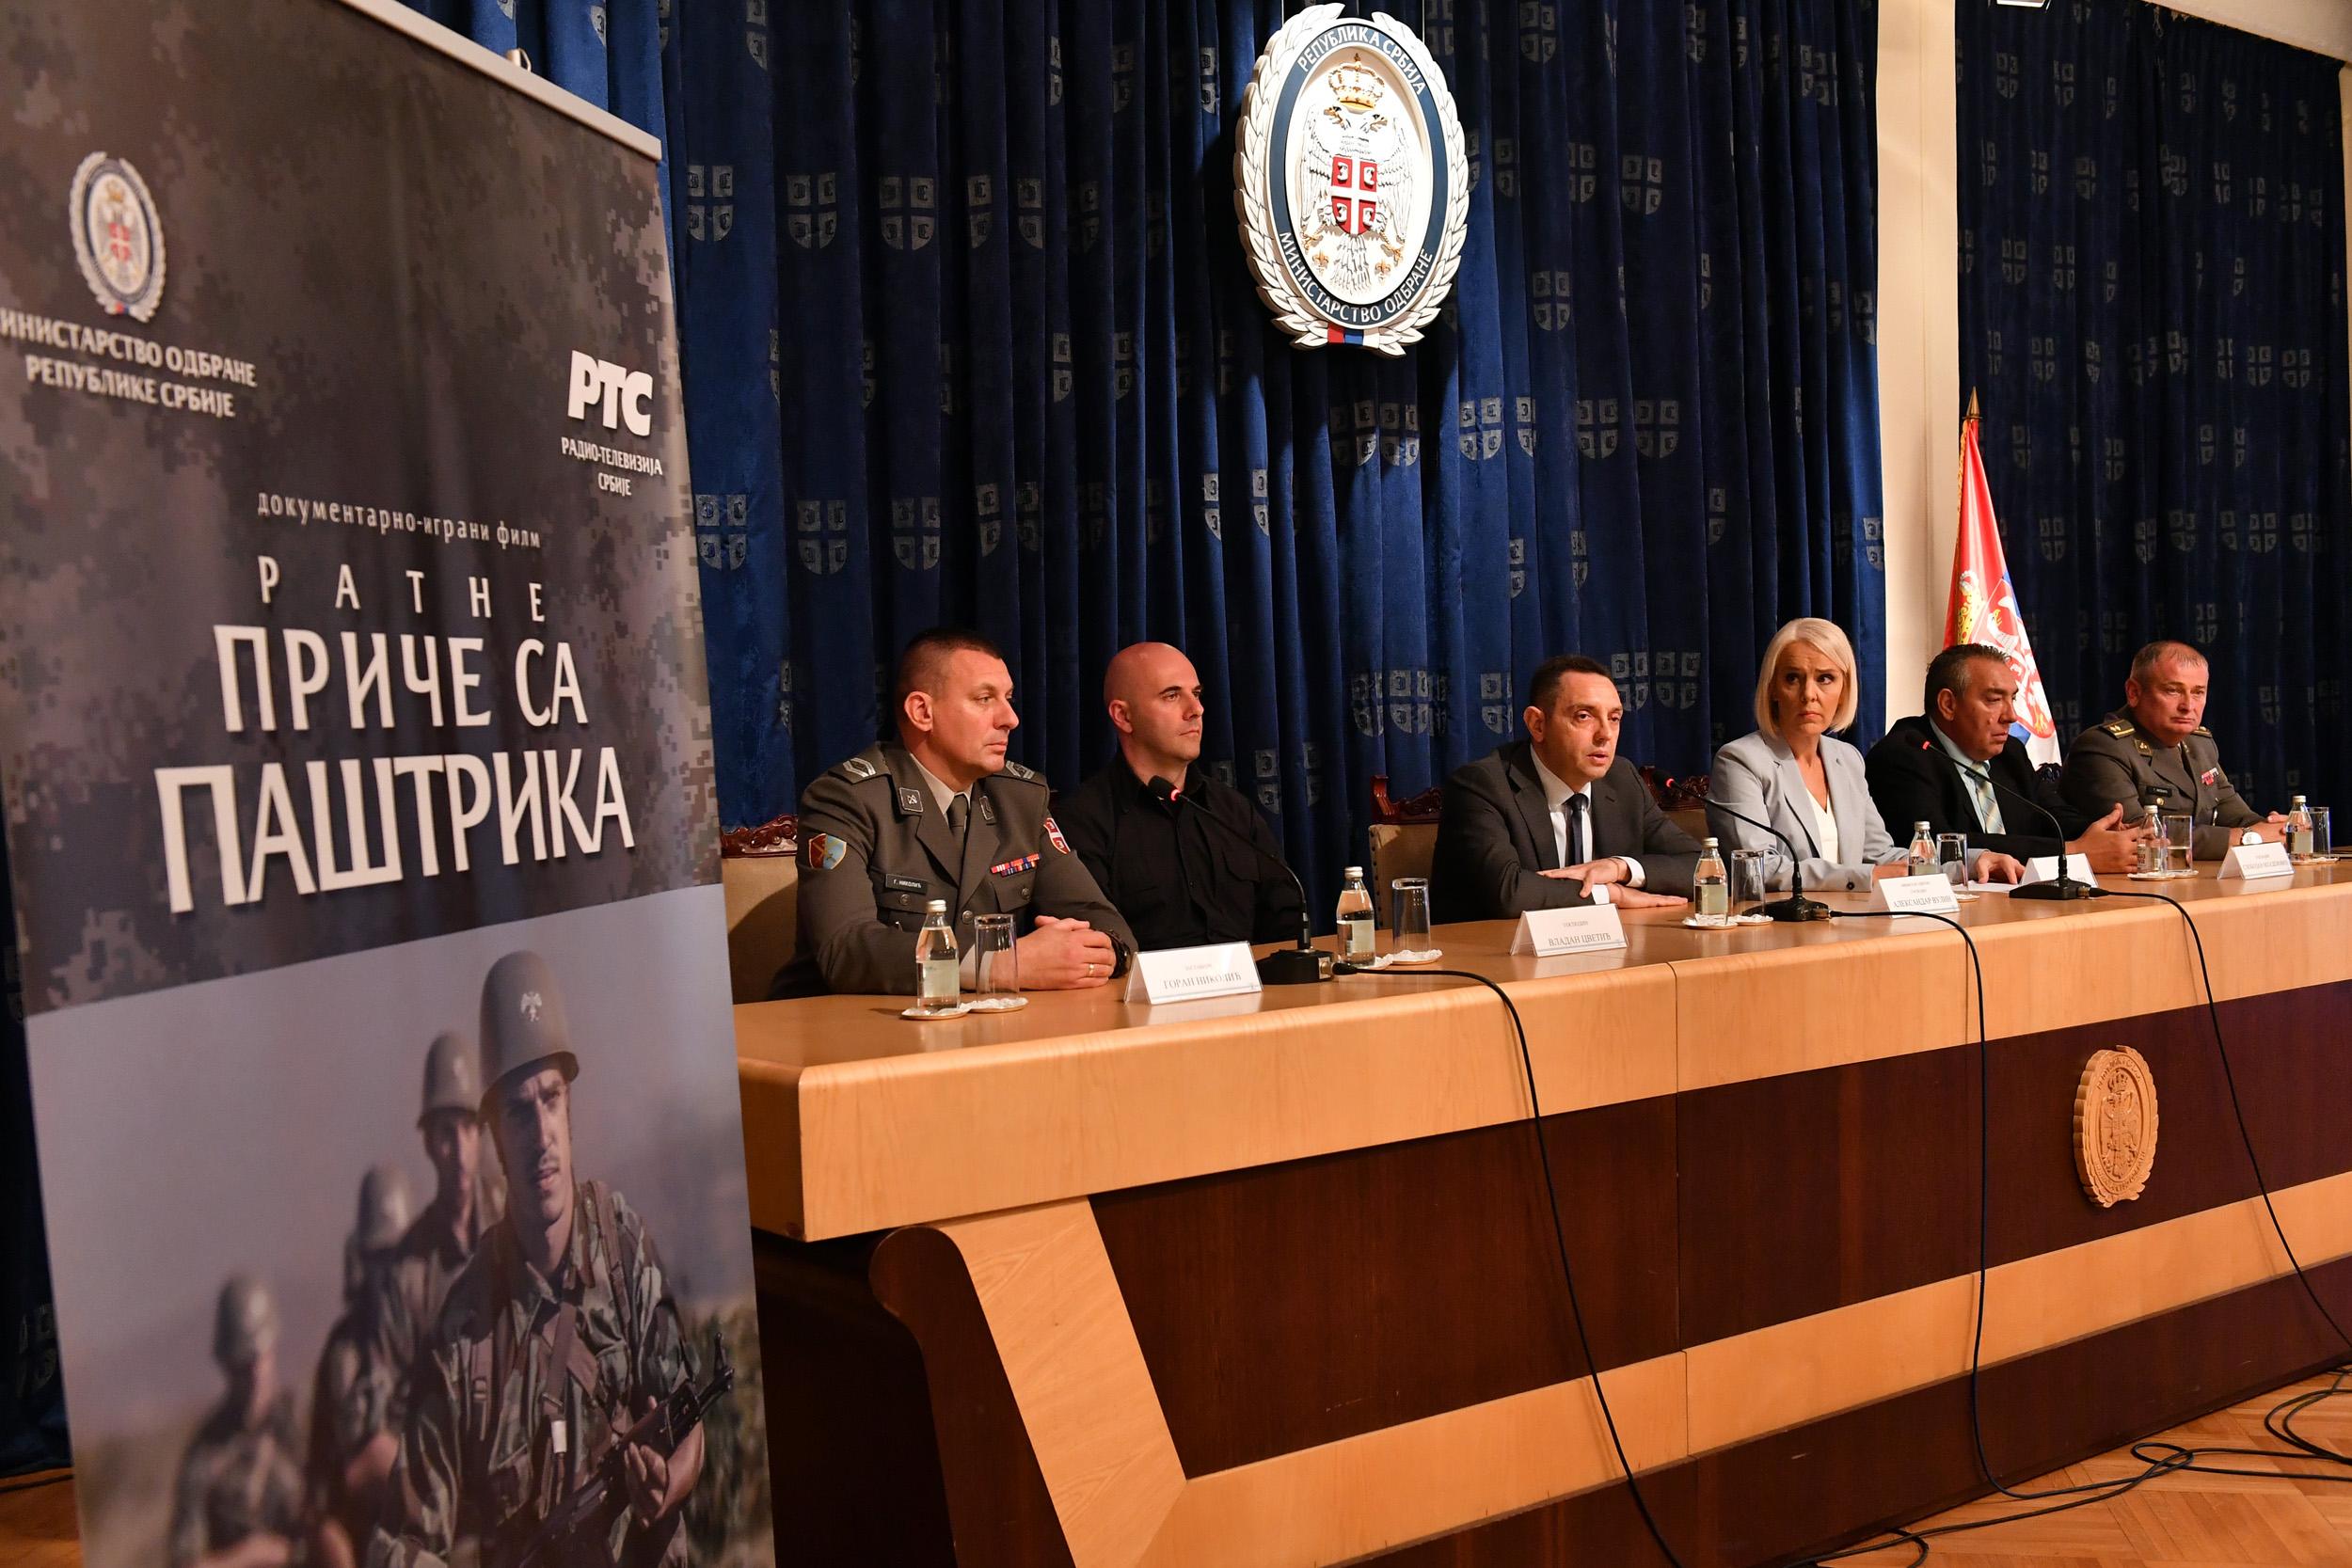 Министар Вулин Битка на Паштрику је пример војничке снаге вештине храбрости и победе